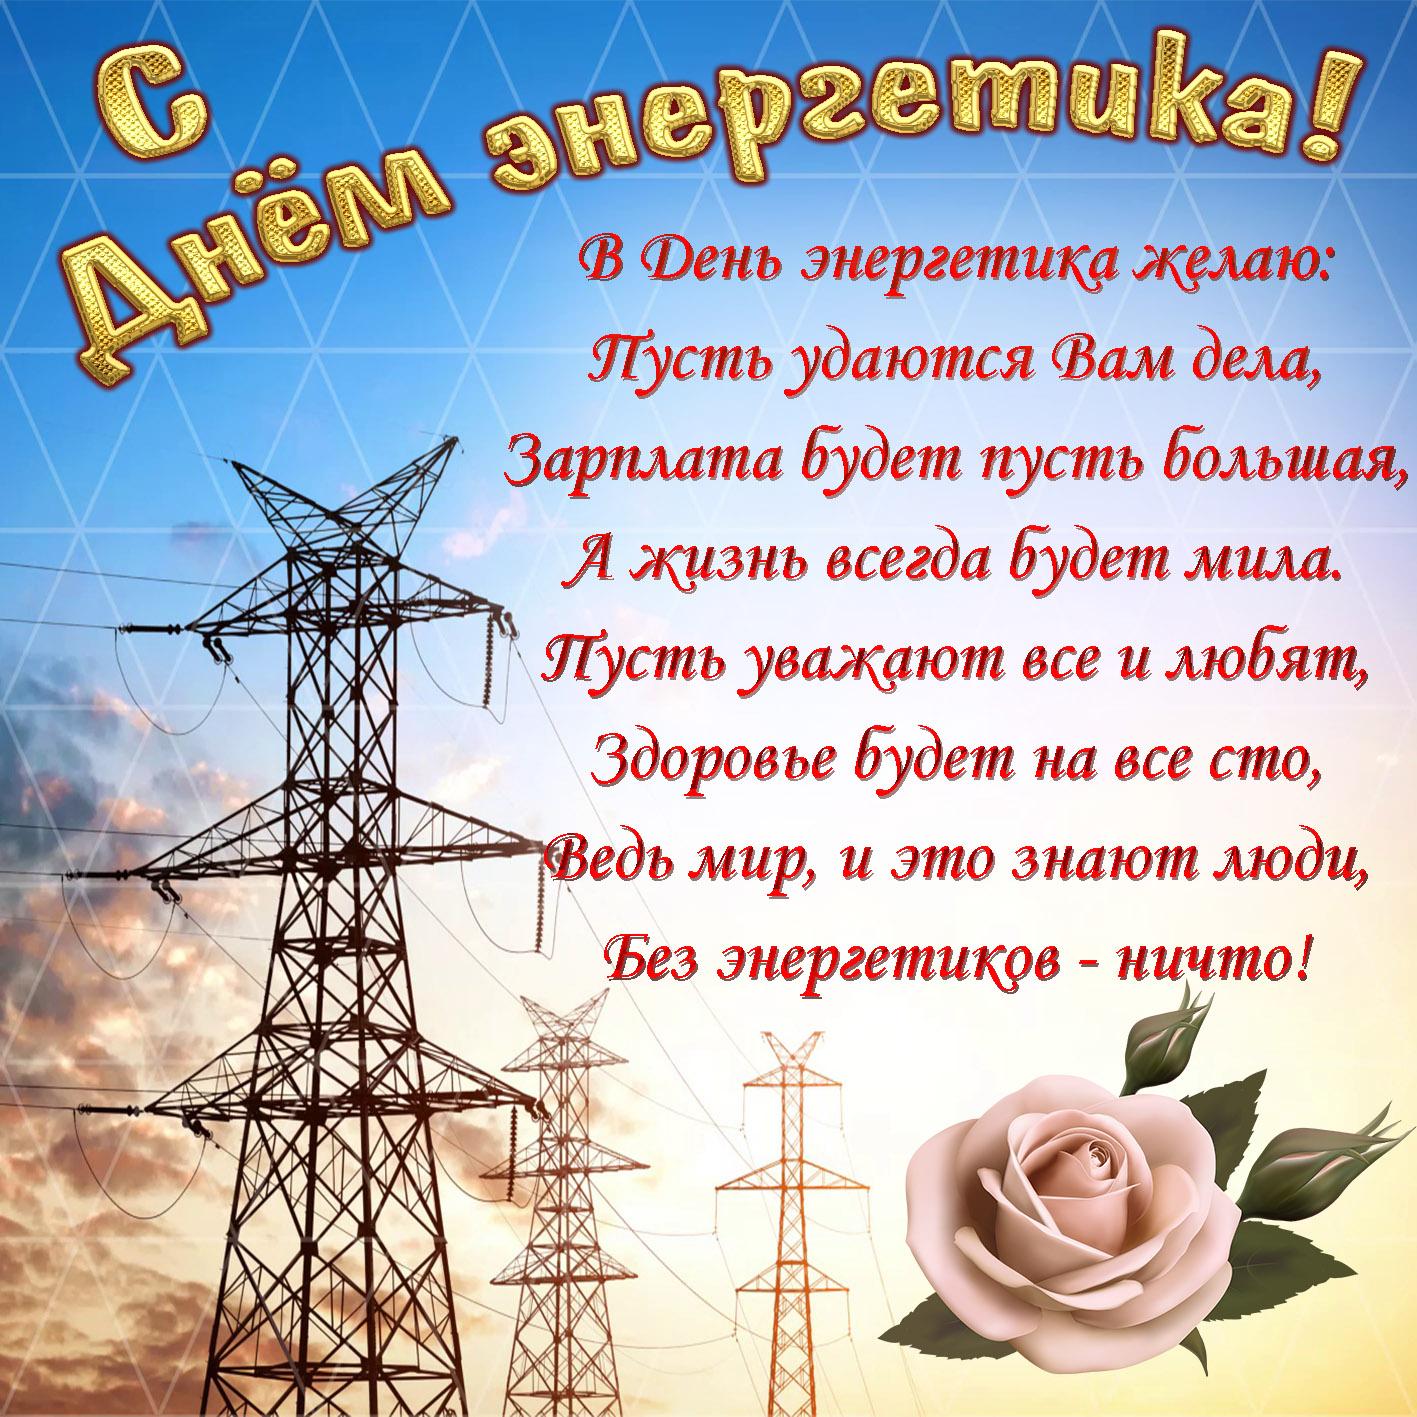 Открытка с днем энергетика новое поздравление, голосовые